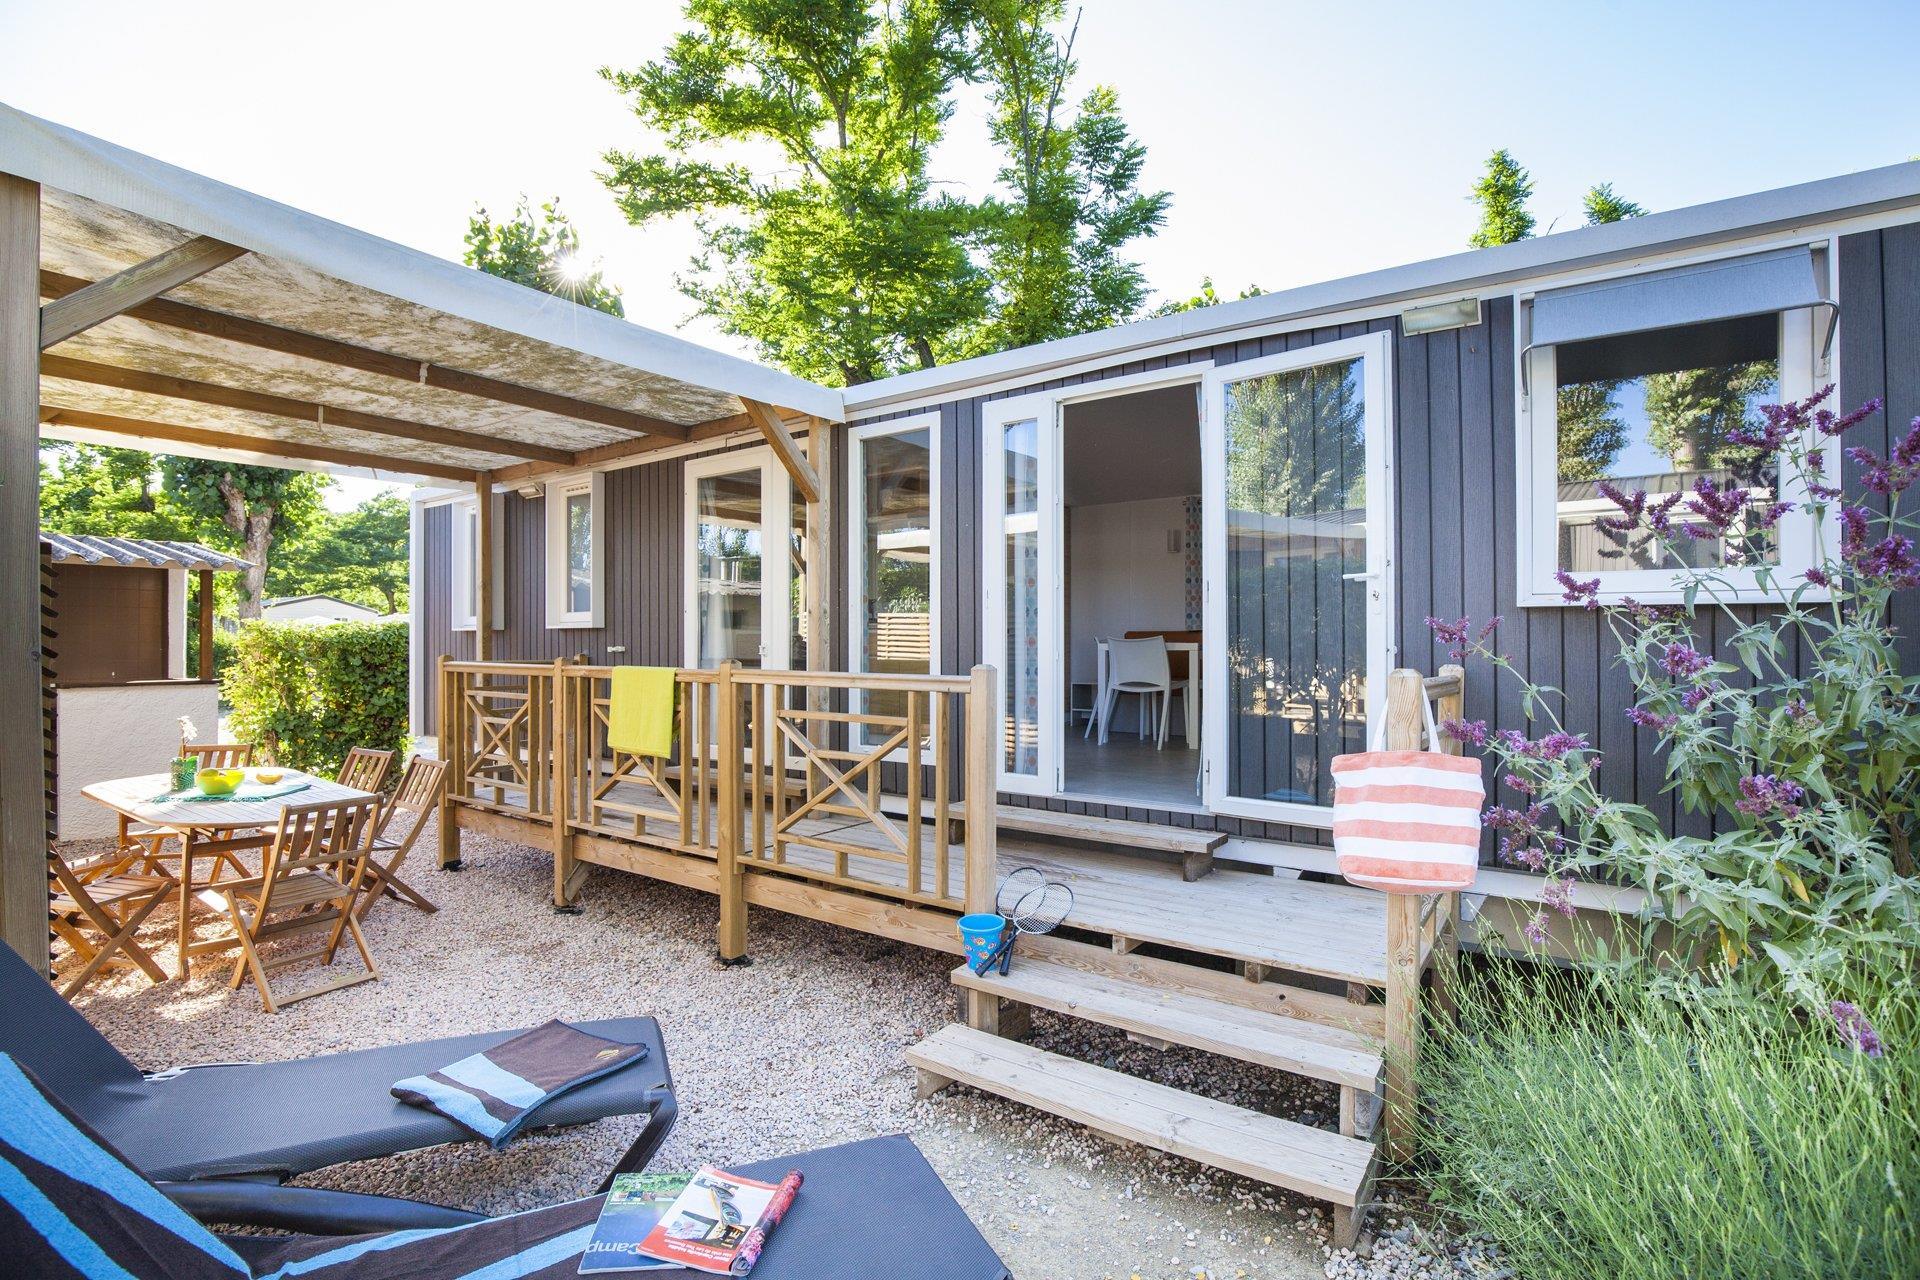 Location - Cottage Provencal 2 Chambres 2 Salles De Bain Climatisé Premium - Camping Sandaya Riviera d'Azur